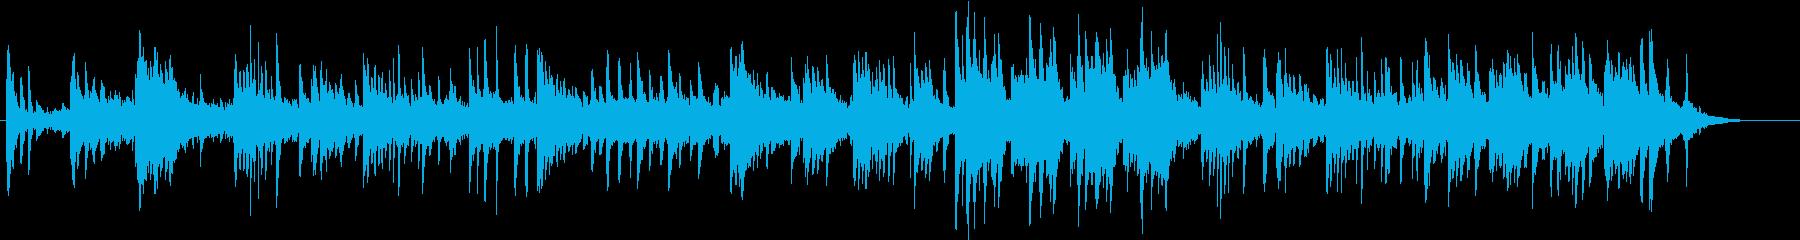 ピアノとシンセのヒーリングミュージックの再生済みの波形